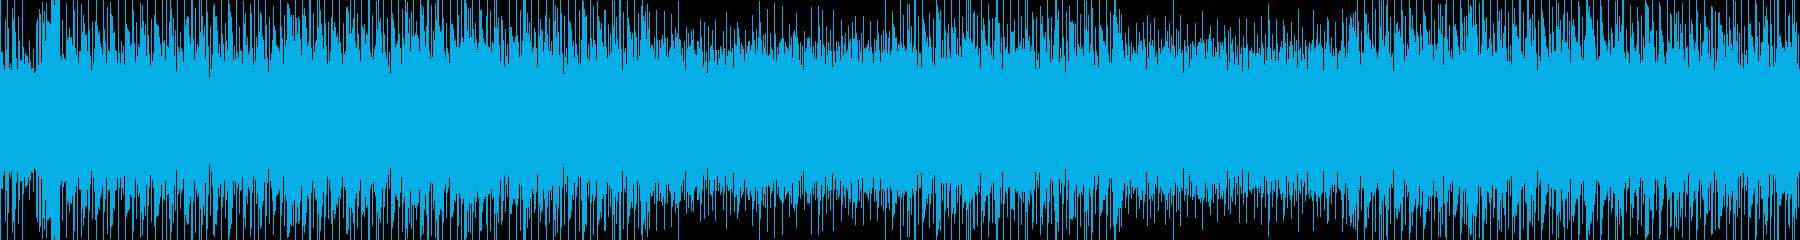 シューティング等のゲームBGM/ループ可の再生済みの波形